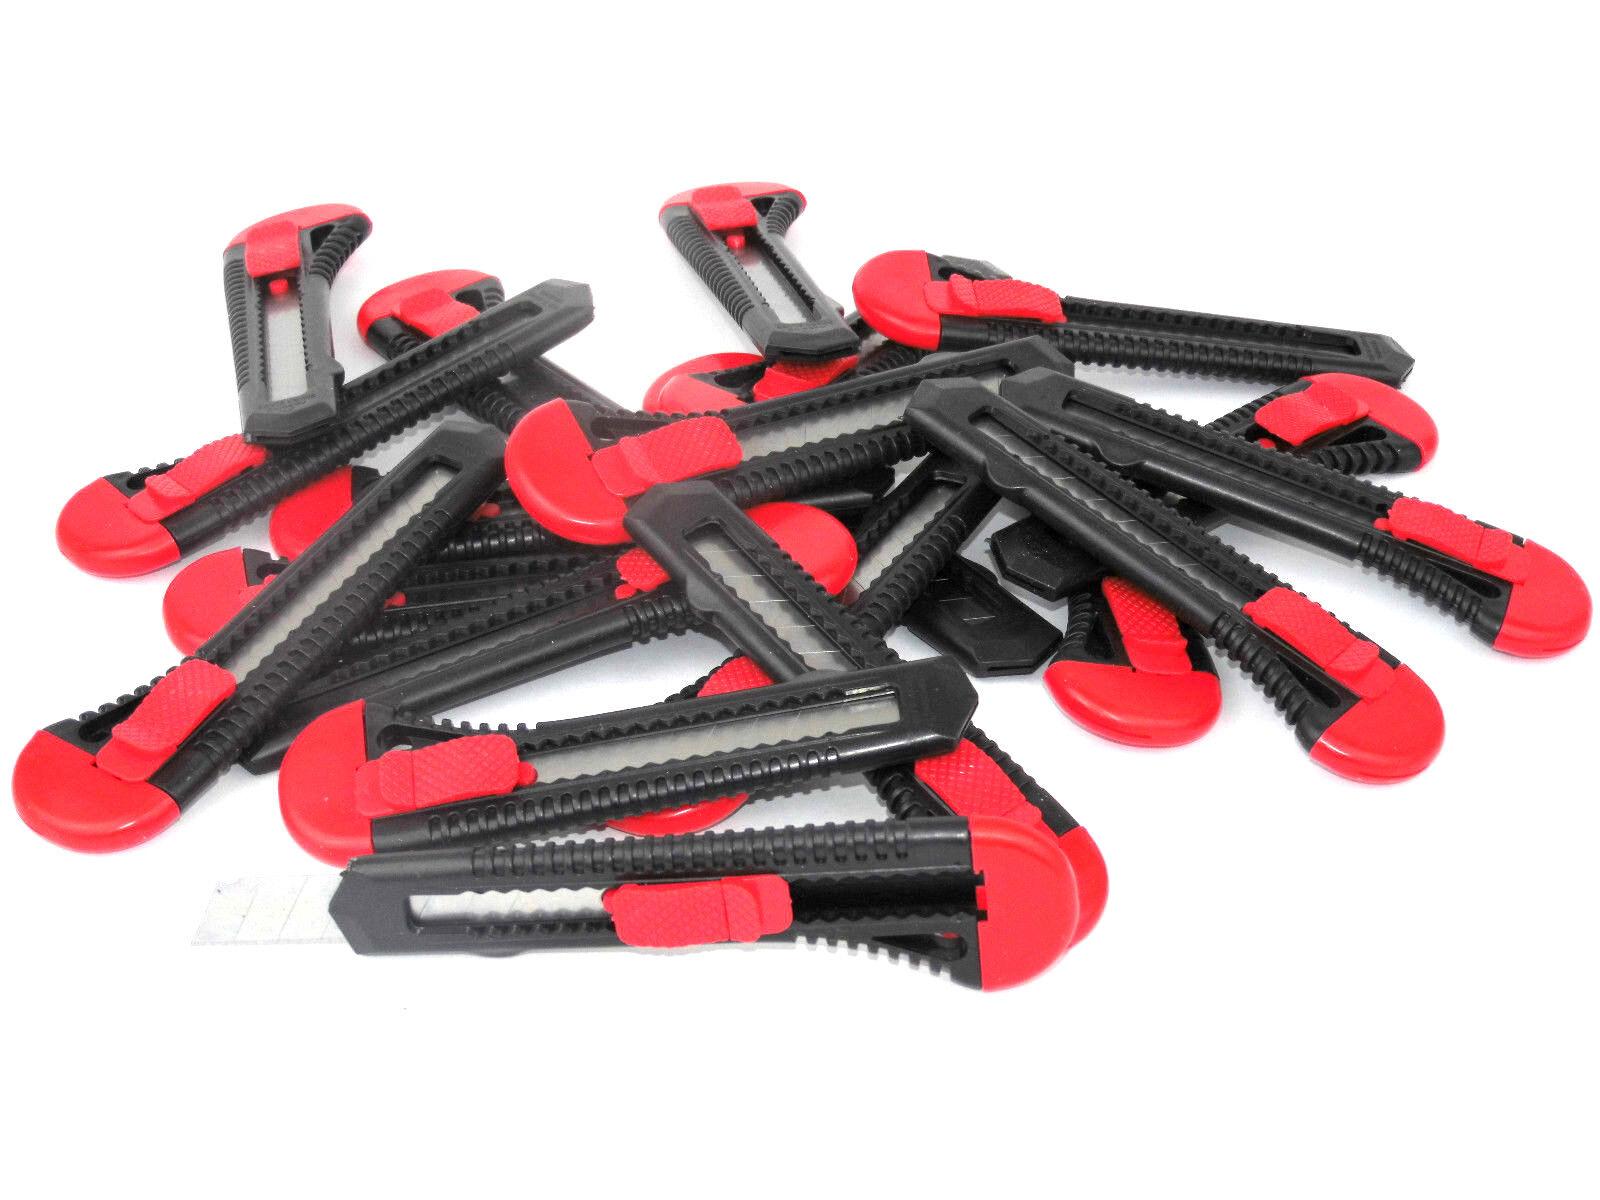 Cuttermesser 18mm 1-480 Stk Universal Cutter Teppichmesser Abbrechmesser Messer